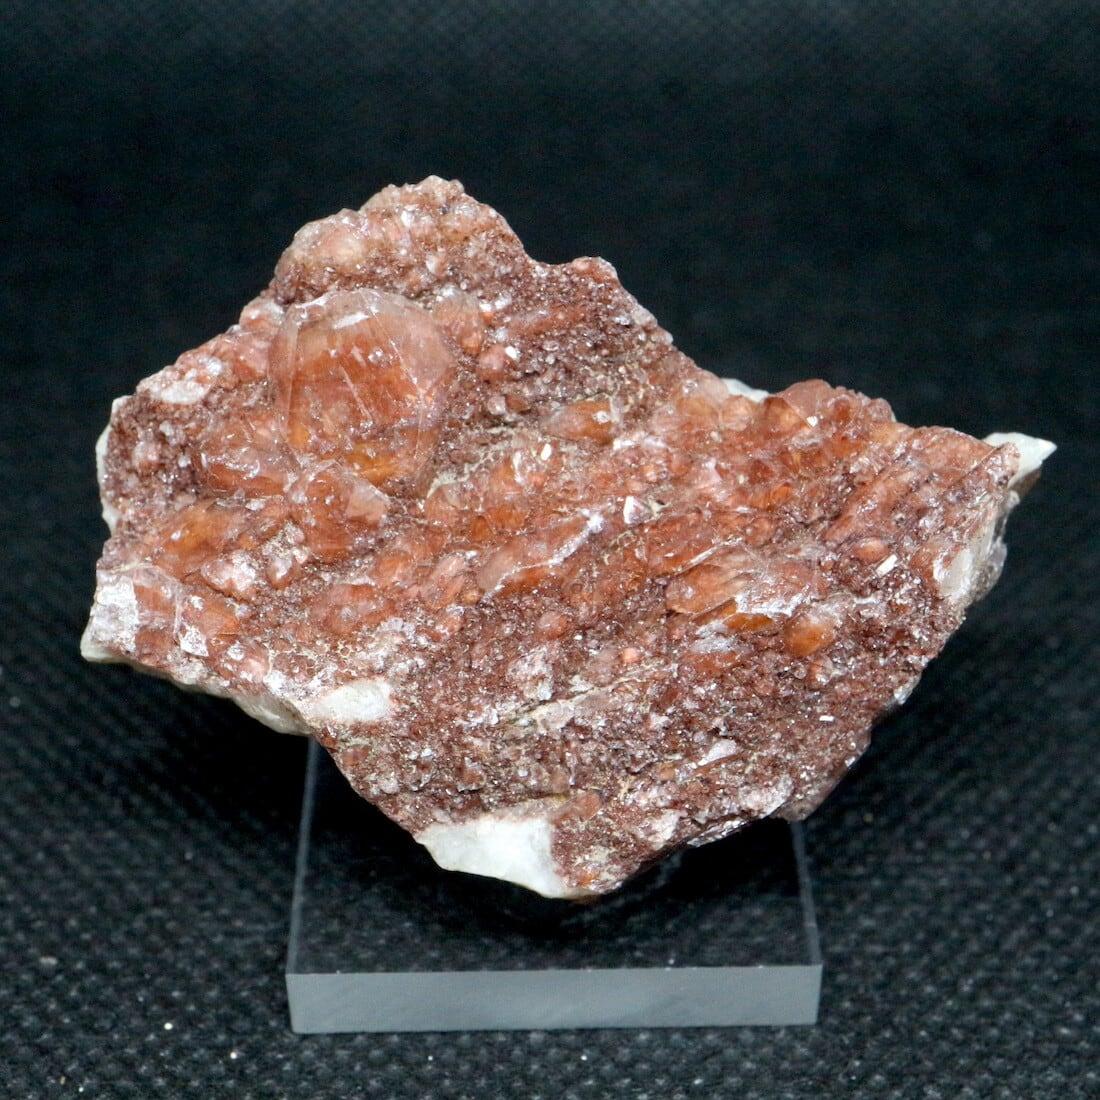 コロラド産 レッドフェザー レイクス クォーツ ヘマタイト 水晶 合計47,9g RFQ019 鉱物 原石 天然石 パワーストーン